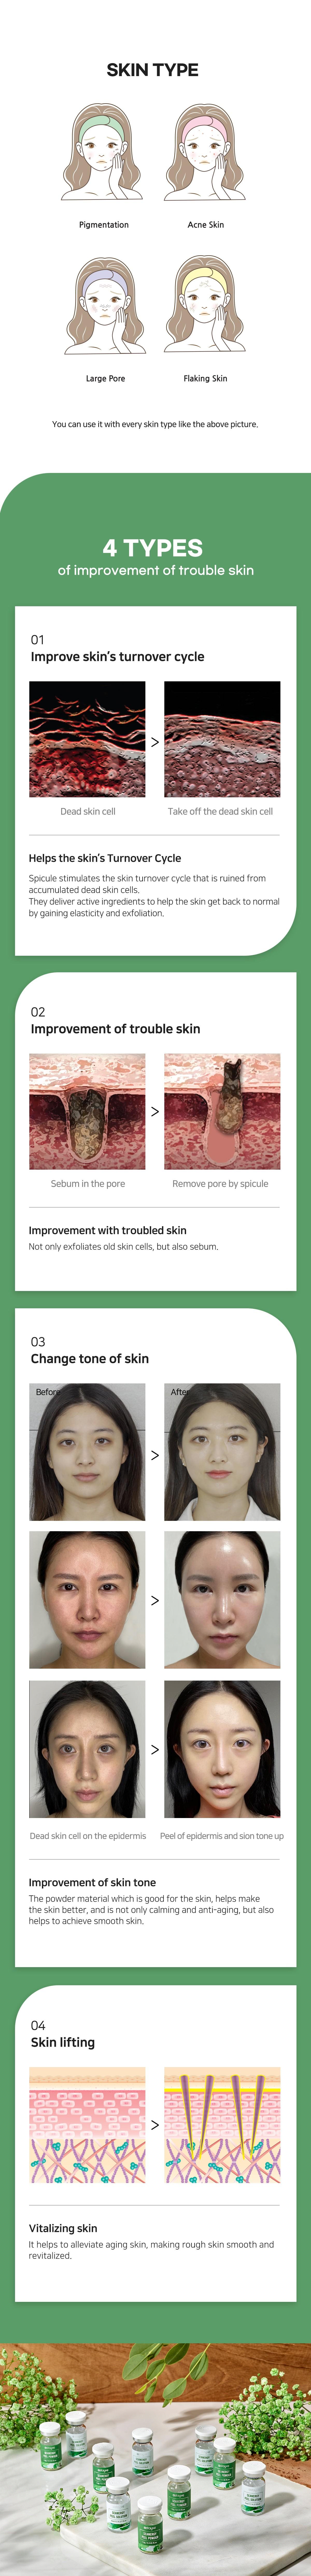 Buy Stayve Seanergy Peel Ampoule Singapore Training